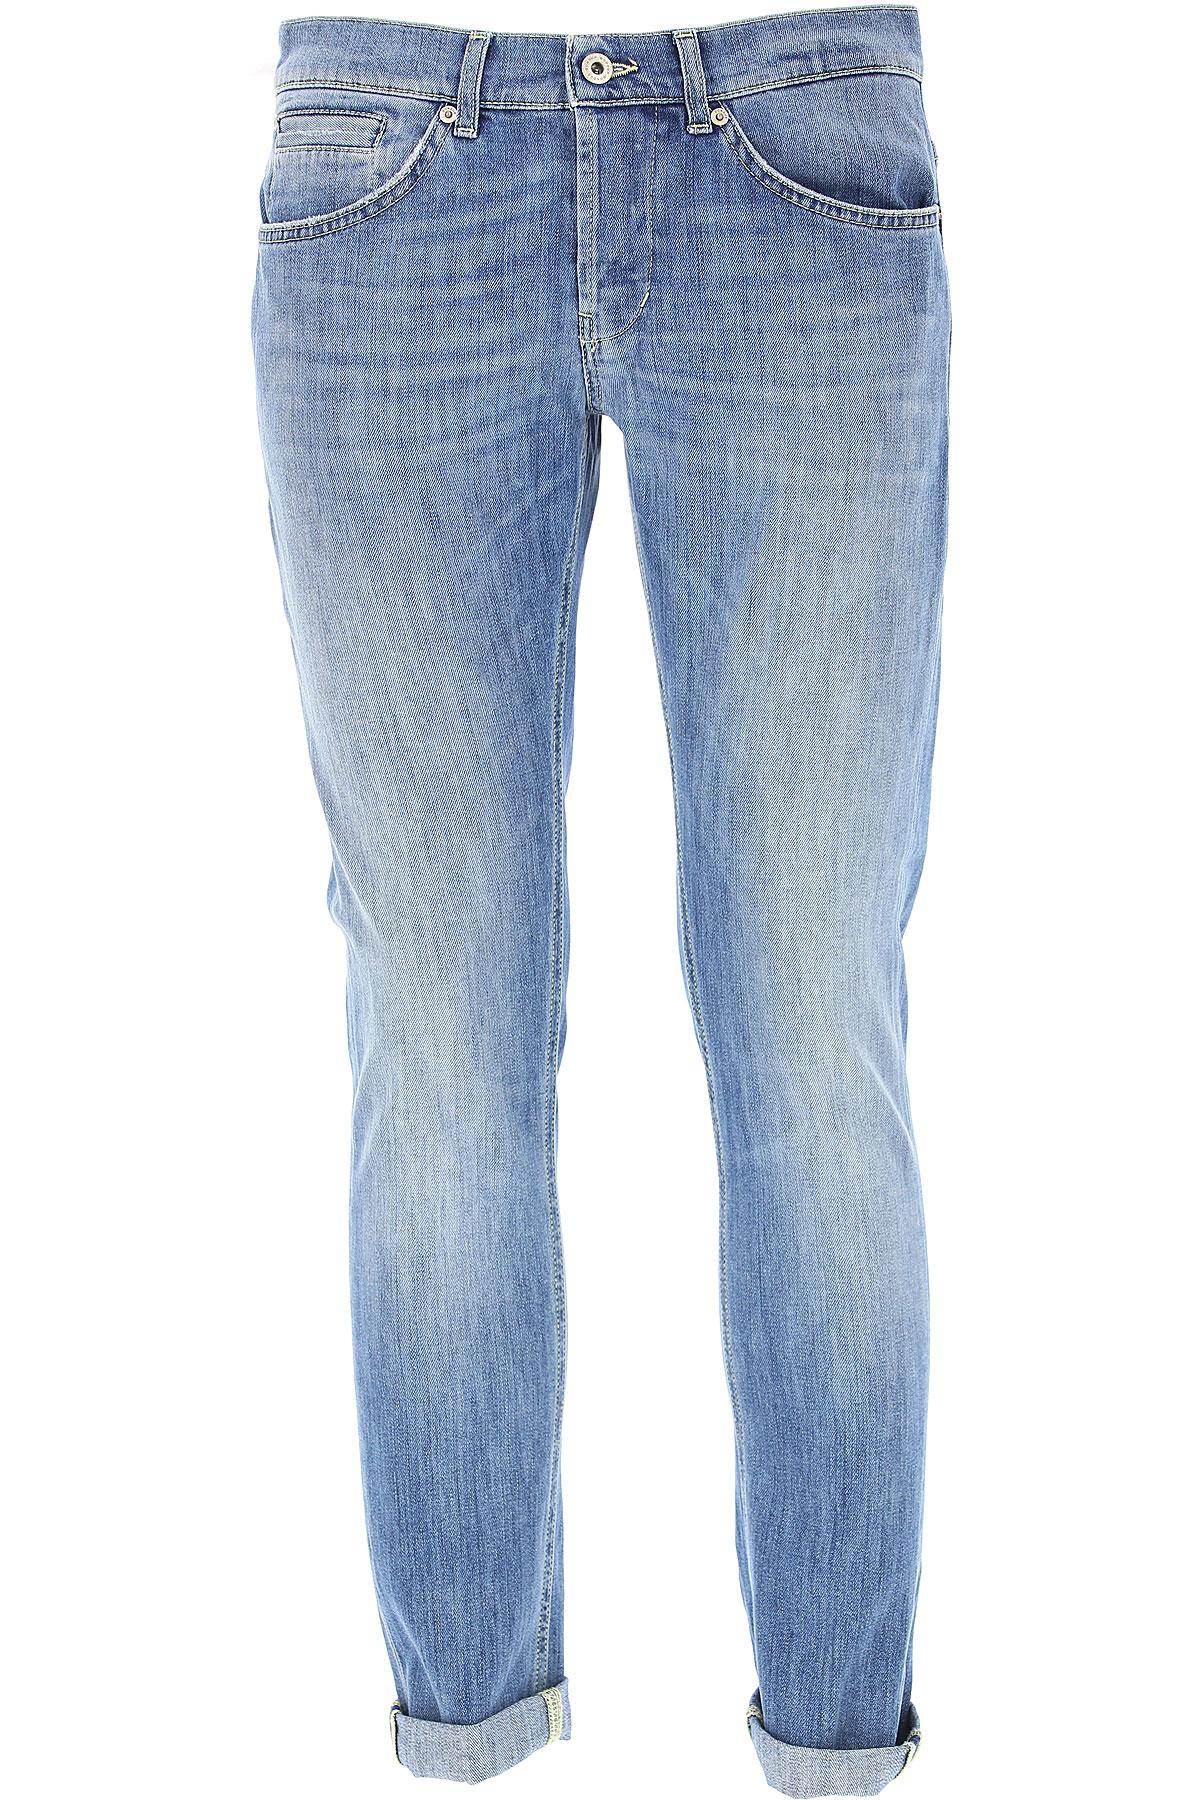 Dondup Jeans, Denim Blue, Cotton, 2017, 29 30 31 32 33 34 35 36